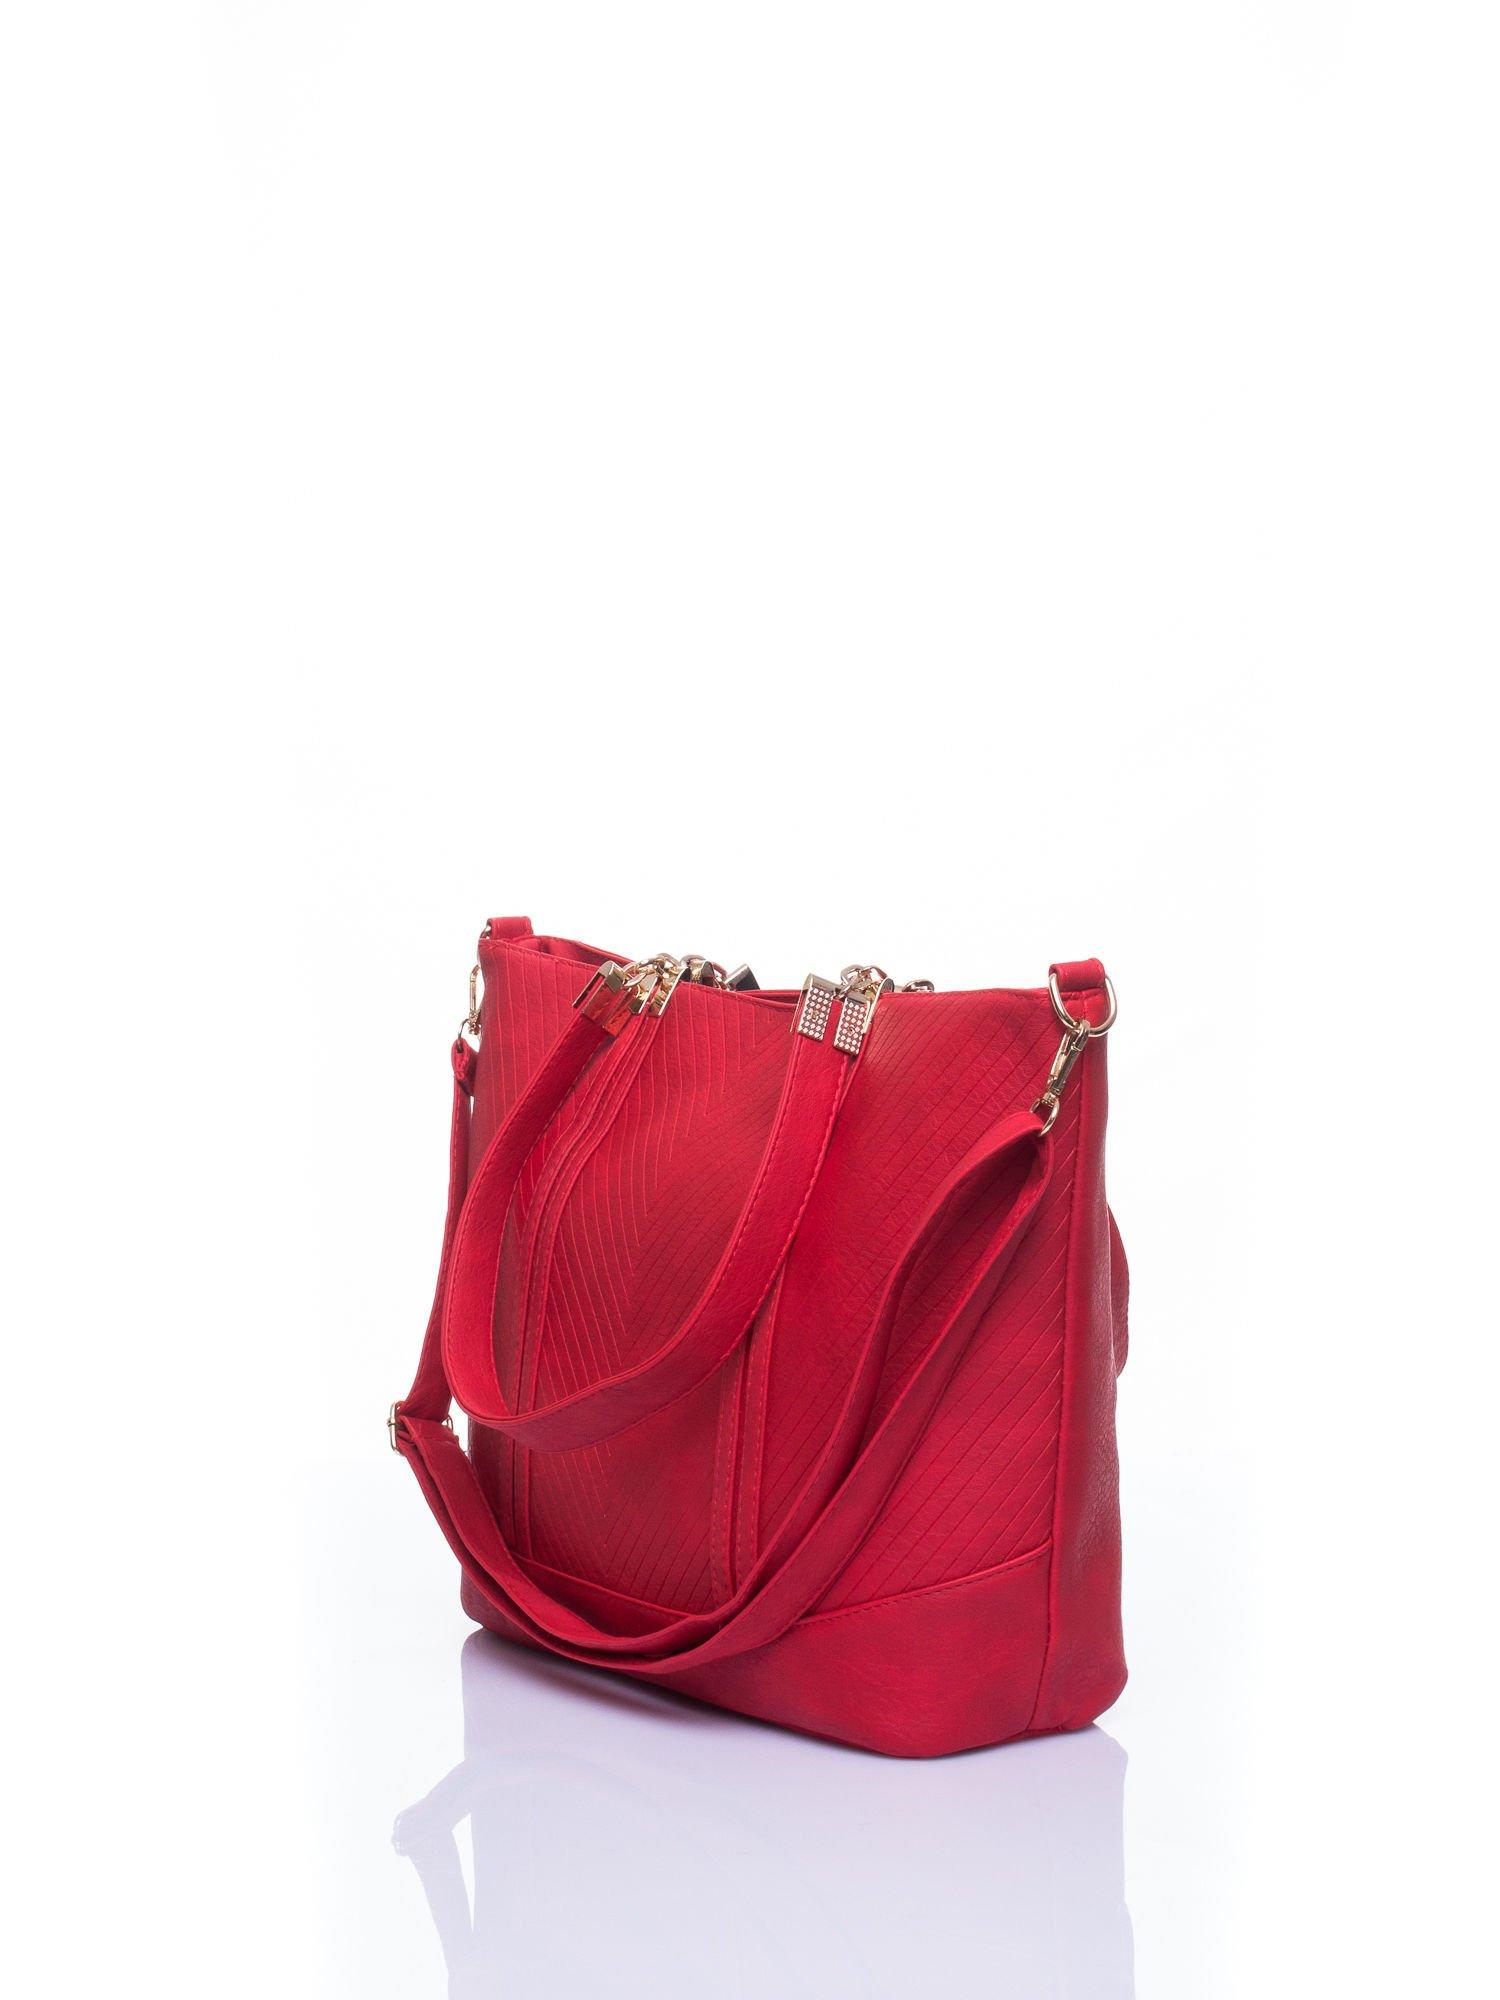 Czerwona fakturowana torebka damska ze złotymi okuciami                                  zdj.                                  4